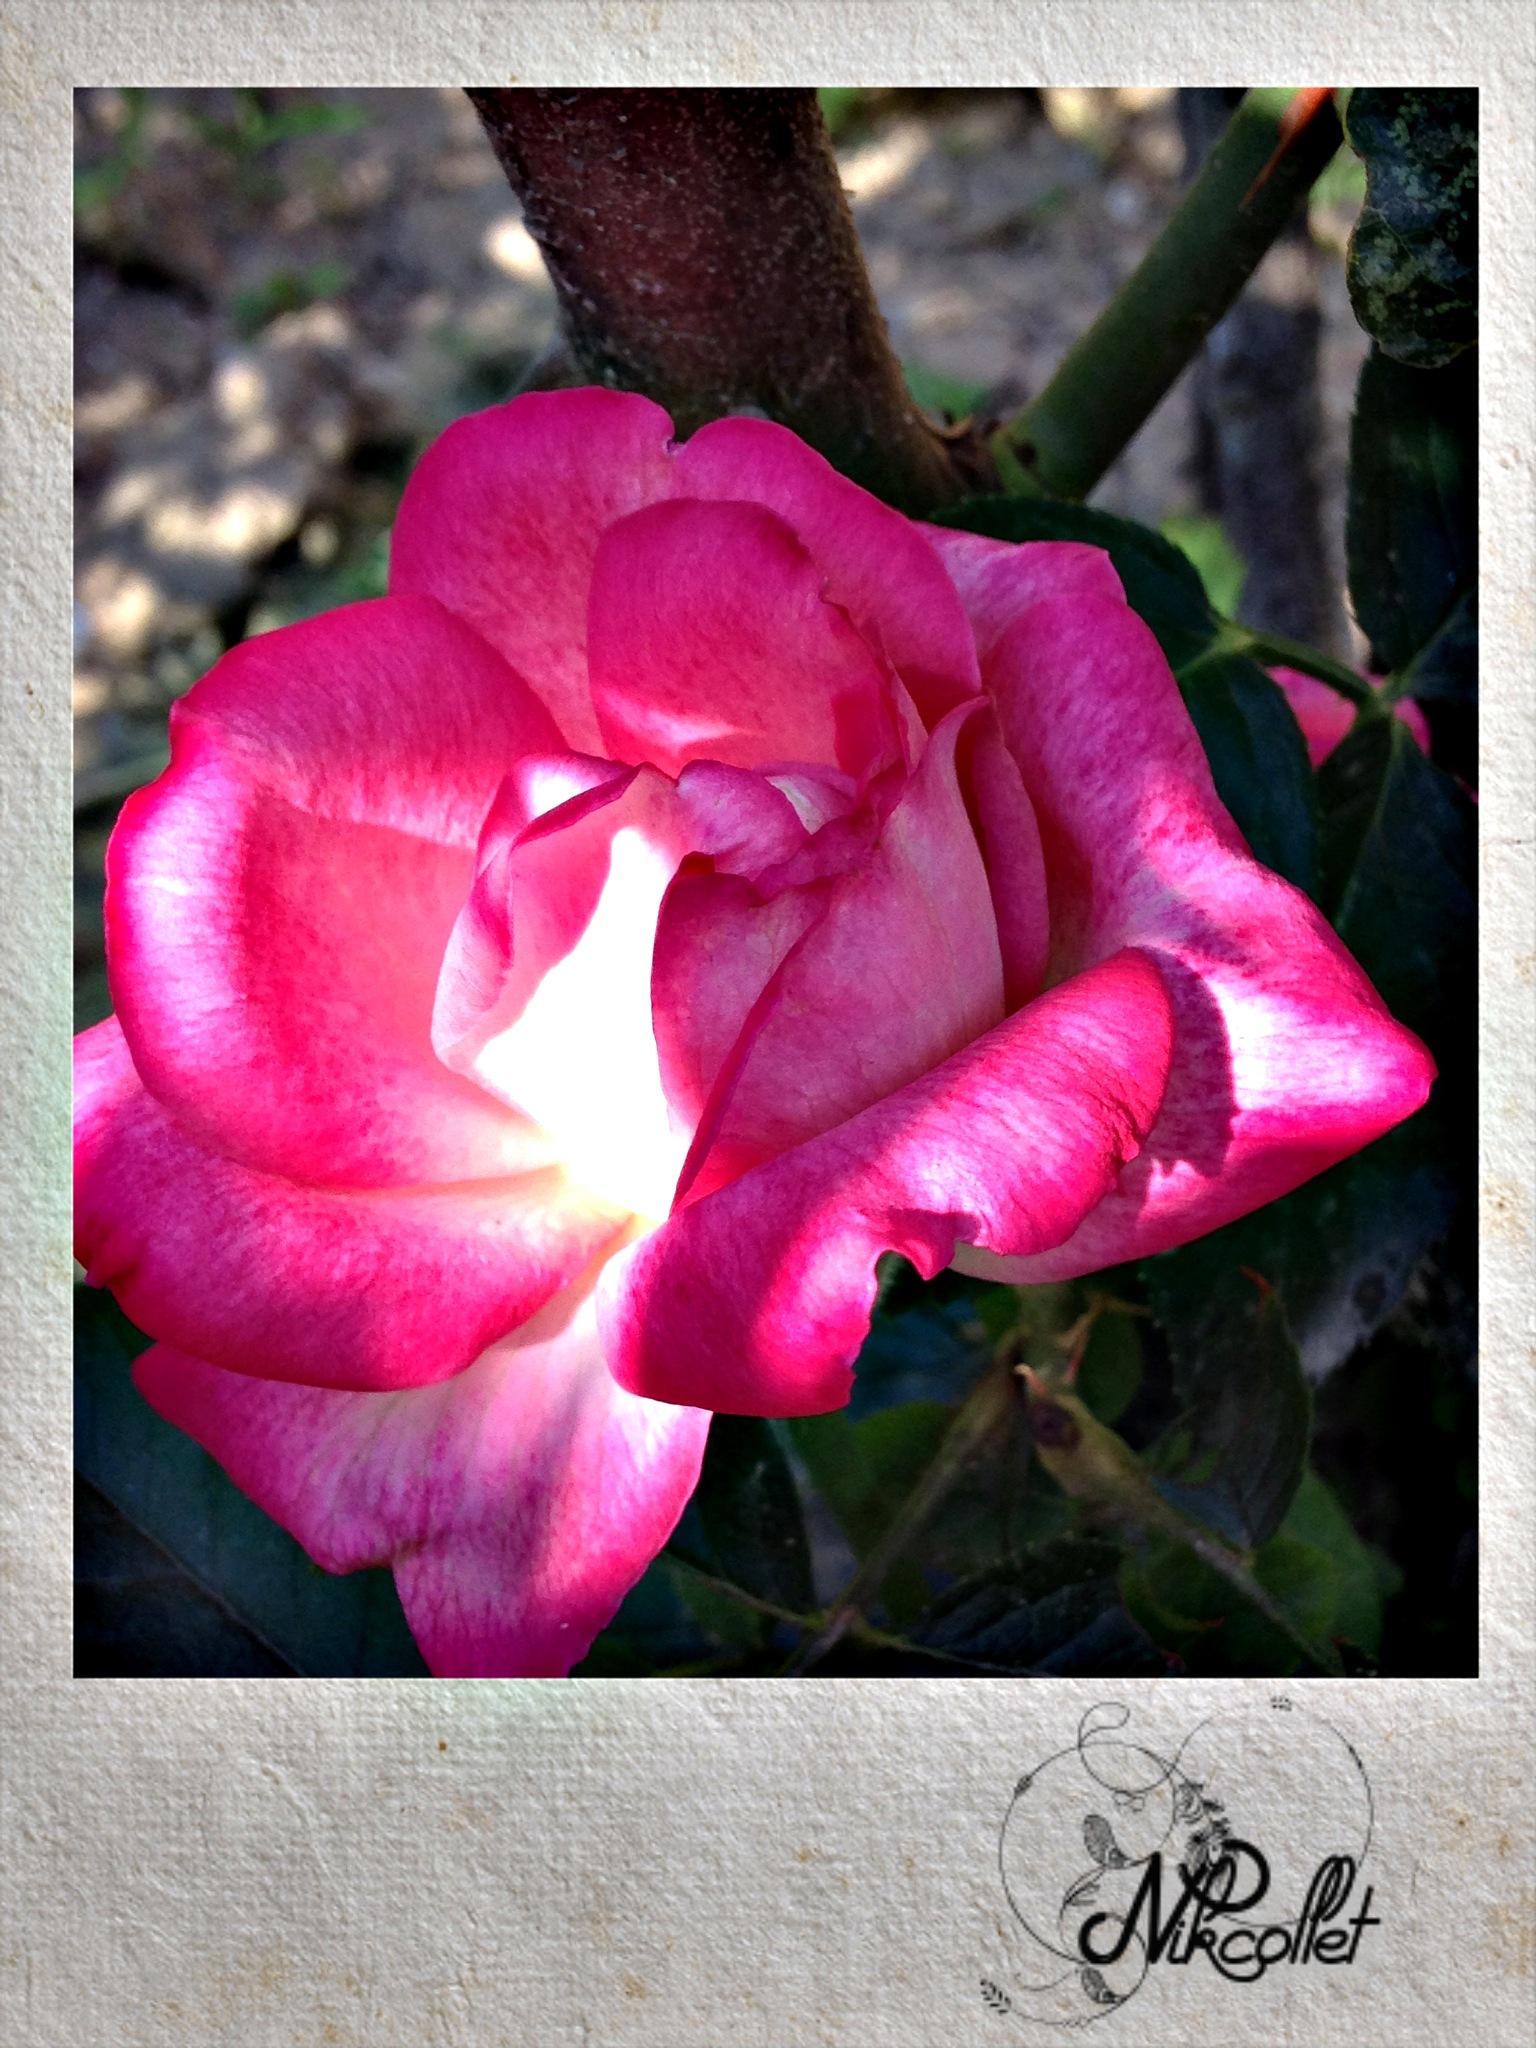 Pink Rose by Nikcollet C